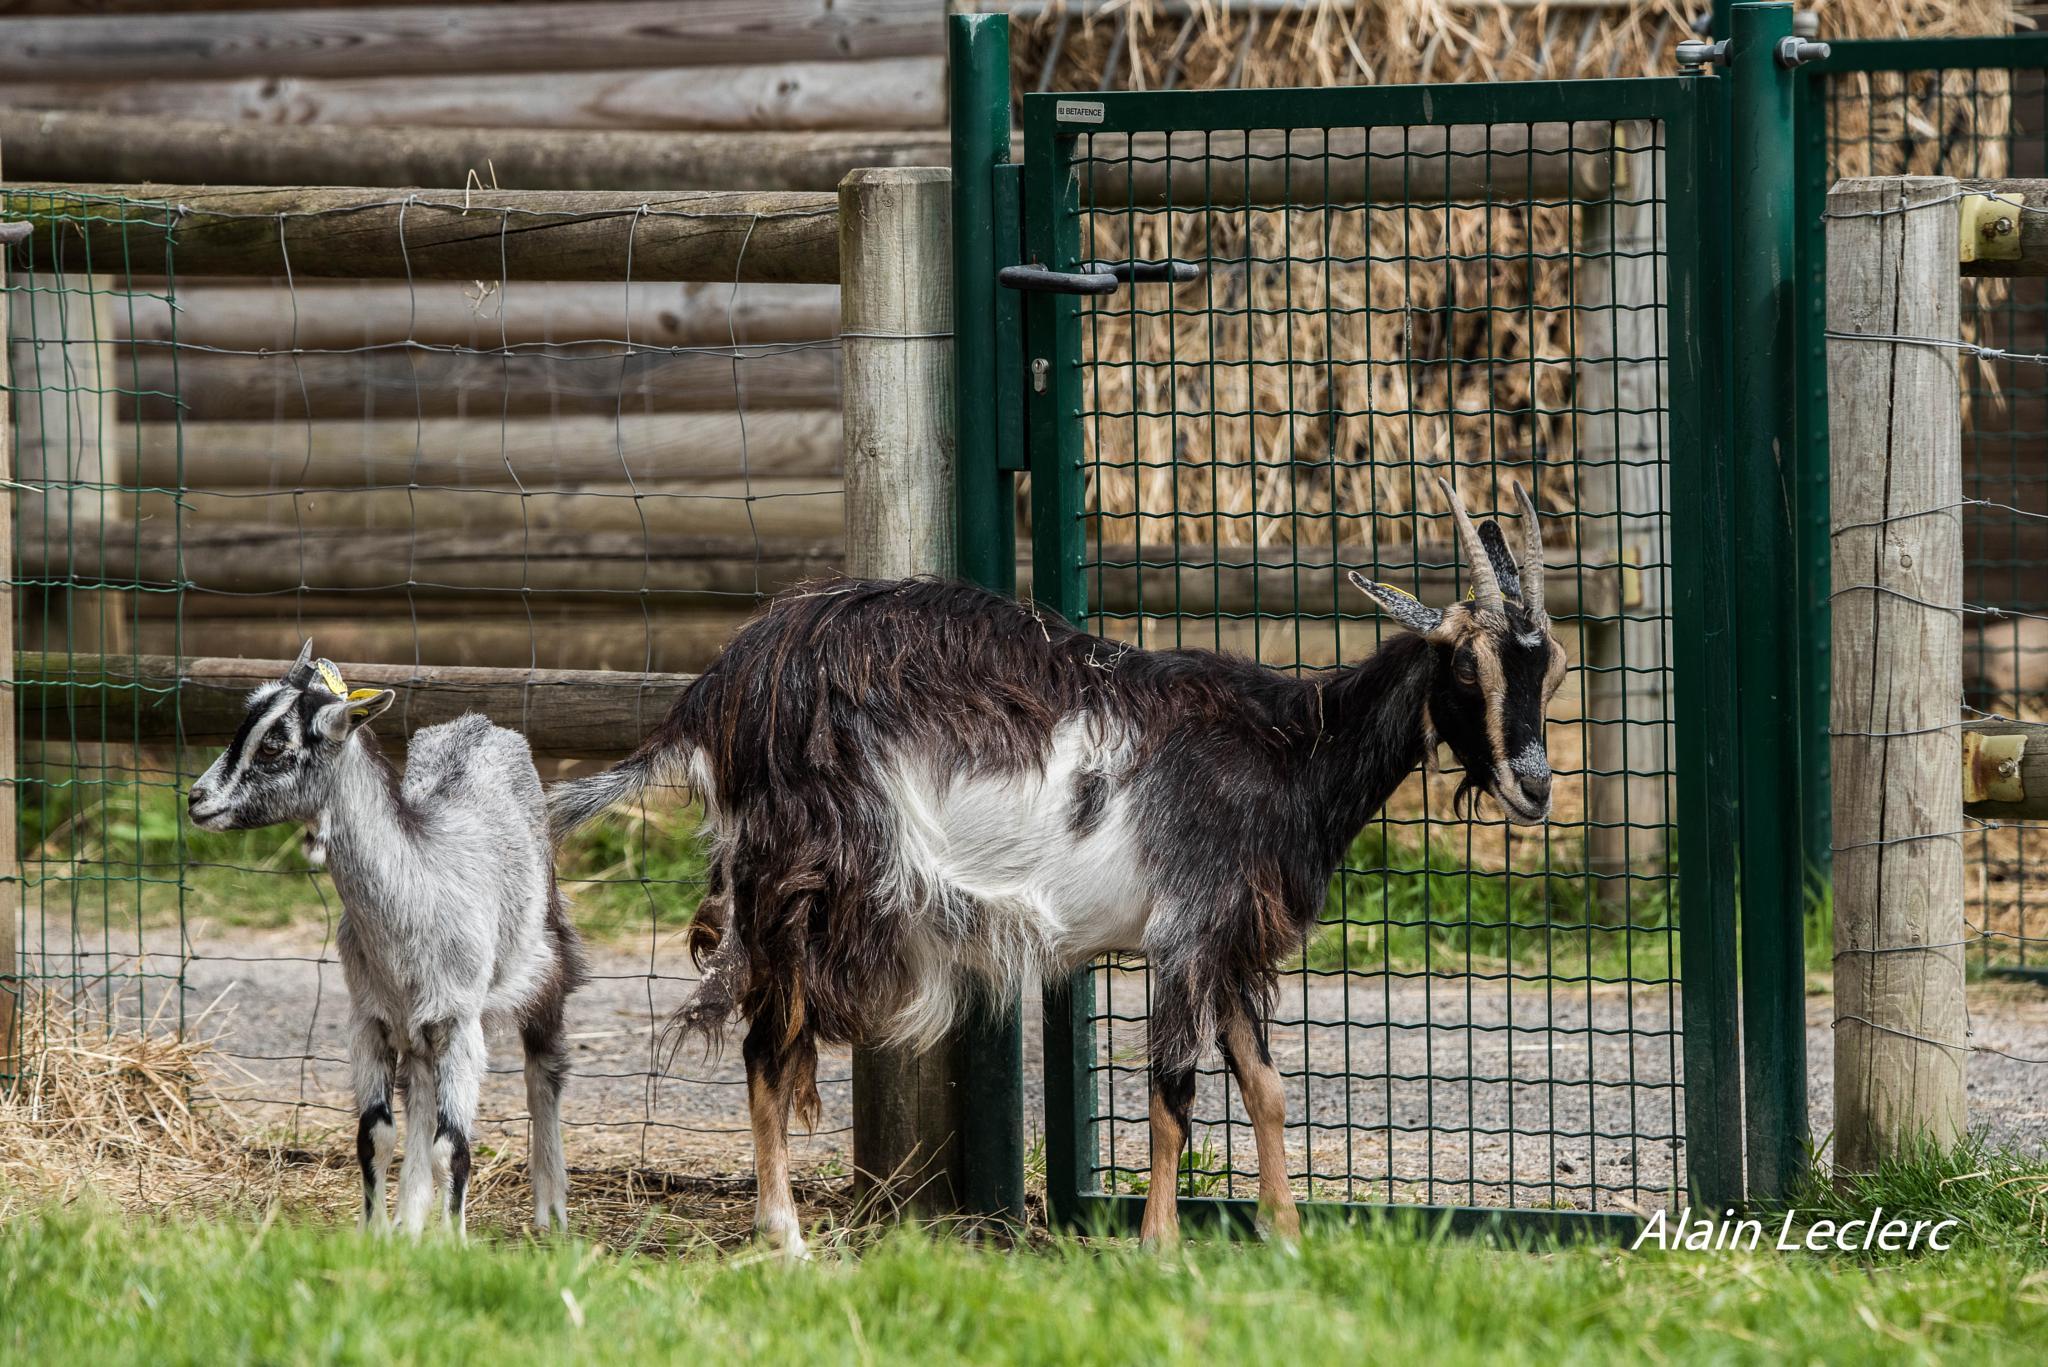 chèvres des fossés (7128) by leclercalainmail